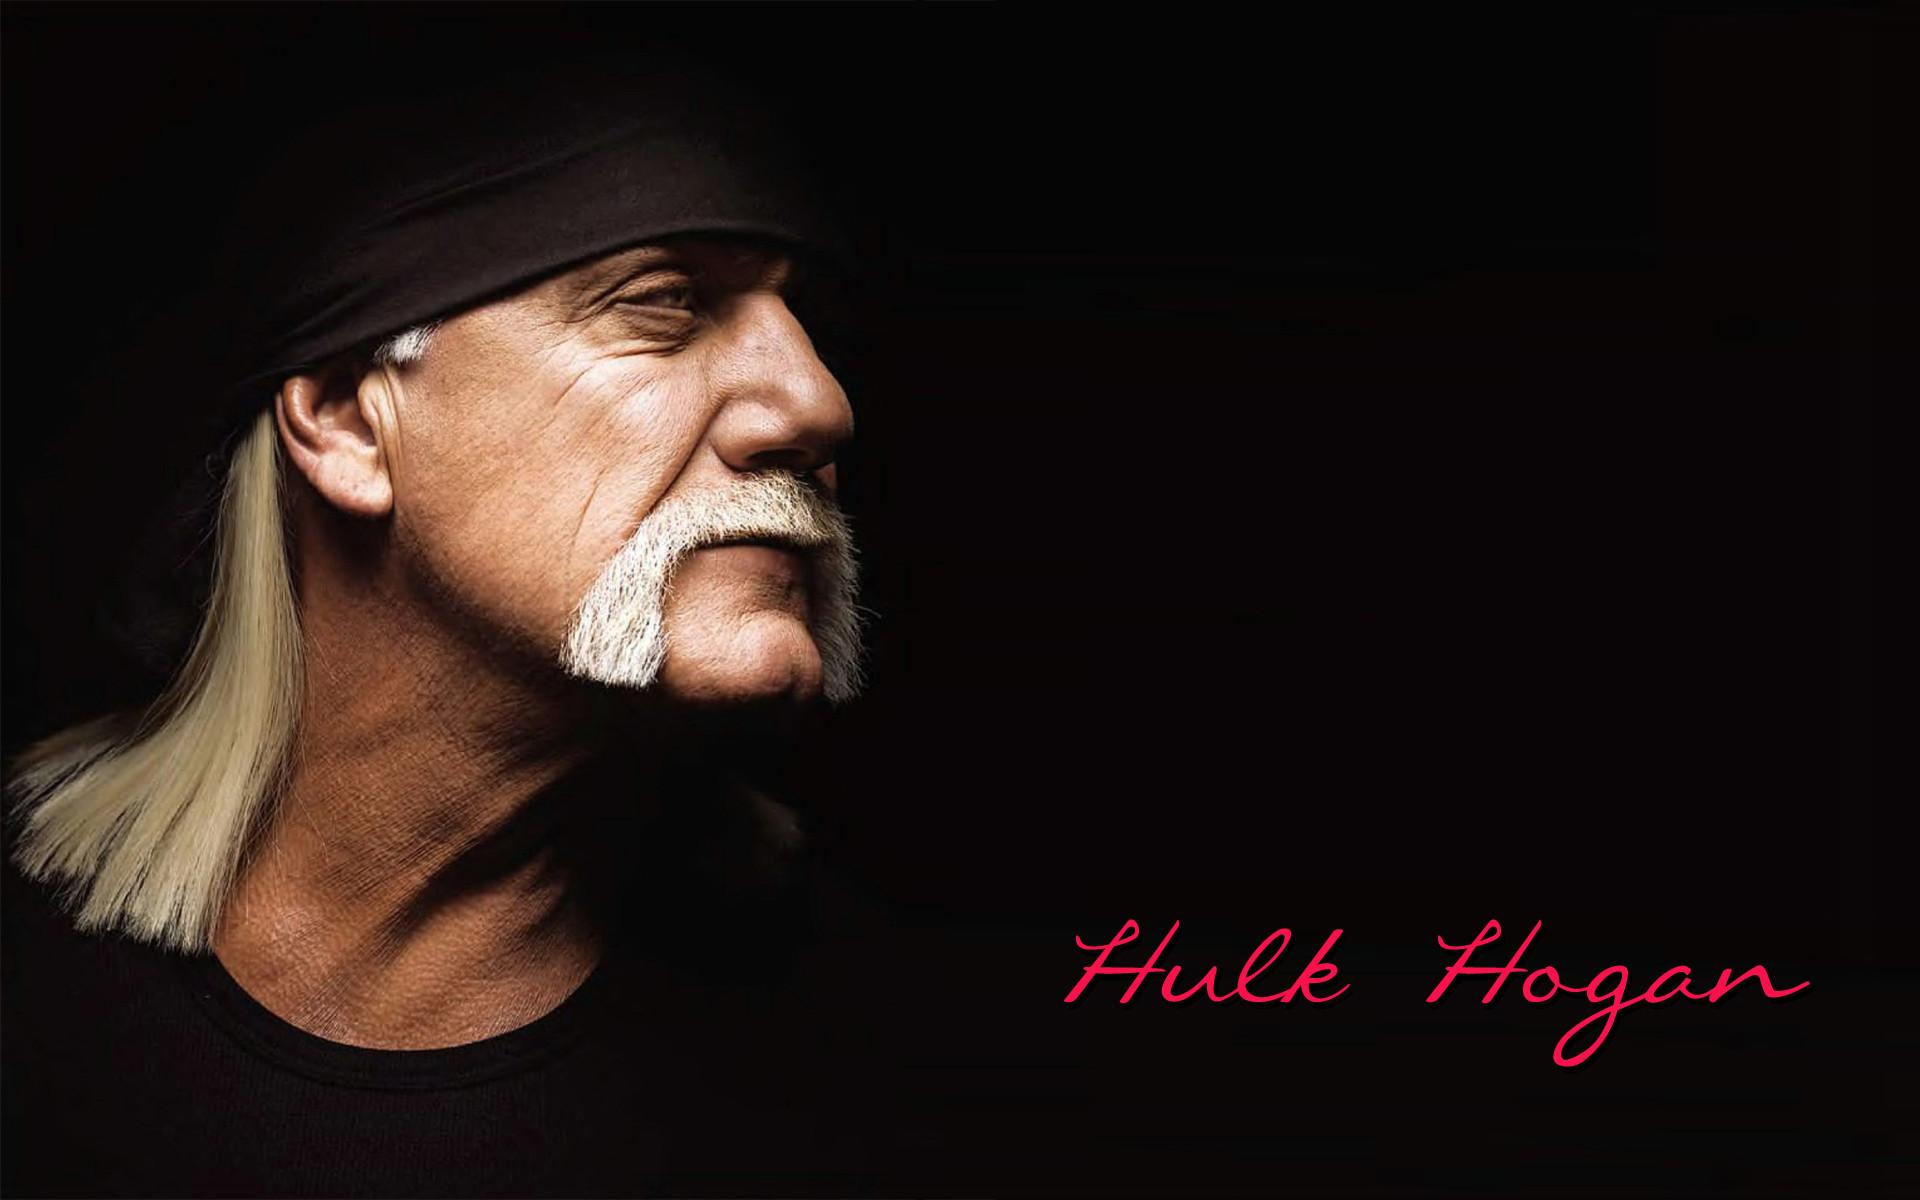 Hulk Hogan wallpaper   WWE wallpaper   Pinterest   Hulk hogan, Hulk and  Wallpaper